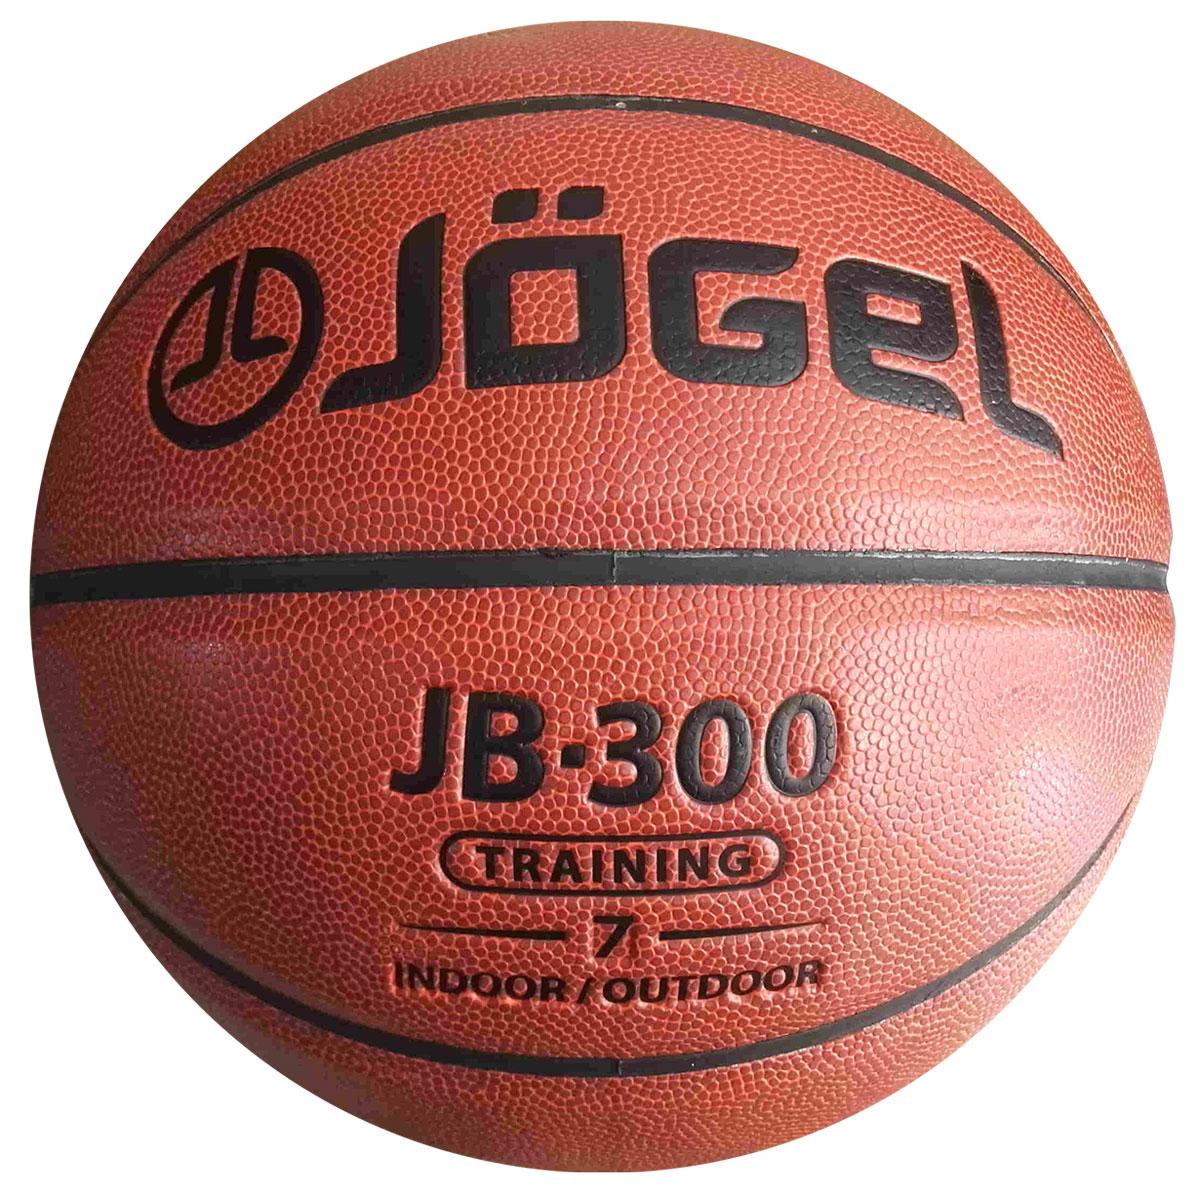 Мяч баскетбольный Jogel, цвет: коричневый. Размер 7. JB-300120330_yellow/blackНазвание:Мяч баскетбольный Jgel JB-300 №7Уровень:Тренировочный мячСерия: TRAININGКатегория: INDOOR/OUTDOORОписание:Jogel JB-300 №7 это прекрасный баскетбольный мяч из серии TRAINING. Доступная цена и специальный материал, позволяющий играть данным мячом практически на любой поверхности, выгодно отличают его от аналогичных мячей других марок. Поверхность мяча выполнена из композитного материала, благодаря чему данным мячом можно играть как на улице, так и в зале. Благодаря технологии DeepChannel (глубокие каналы), используемой при производстве мячей Jogel, достигается лучший контроля мяча во время броска и дриблинга. Размер №7 предназначается для мужчин и юношей от 17 лет, официальный размер для соревнований мужских команд. Данный мяч рекомендован для любительской игры, тренировок и соревнований любительских команд и команд среднего уровня.Данный мяч прекрасно подходит для поставок на гос. тендеры, образовательные учреждения и спортивные секции. Официальный размер и вес FIBA.Рекомендованные покрытия: Паркет, резина, бетон, асфальтМатериал поверхности:Композитный материалМатериал камеры:БутилТип соединения панелей:КлееныйКоличество панелей:8Размер:7Вес:567-650 гр.Длина окружности: 75-78 смРекомендованное давление: 0.5-0.6 барКоличество в коробке: 24 шт.Основной цвет:КоричневыйДополнительный цвет:ЧерныйБренд: JogelСтрана бренда:ГерманияПроизводство:КНР